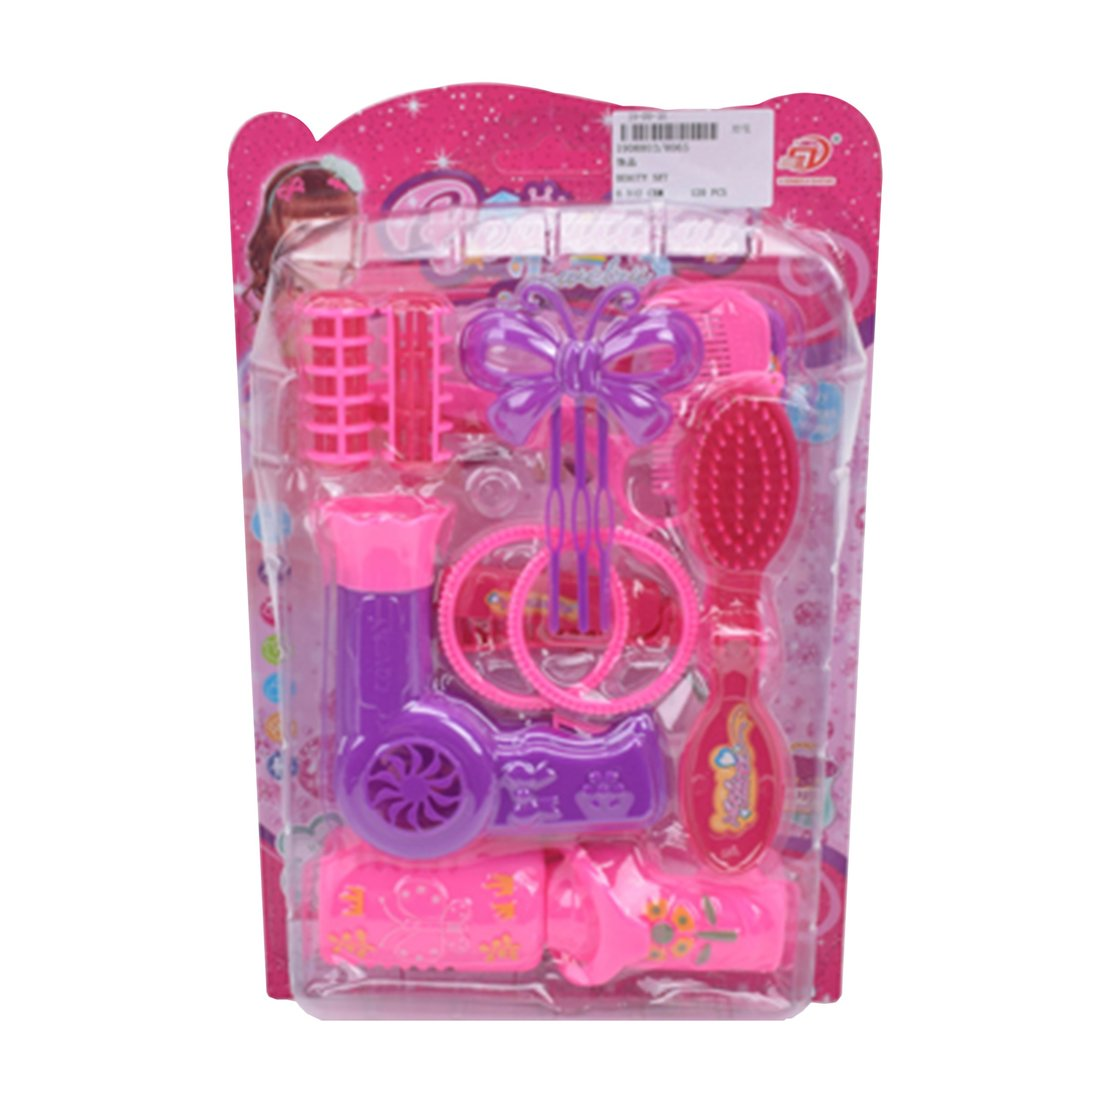 Игровой набор Стилист,в комплекте 11 предметов, блистер